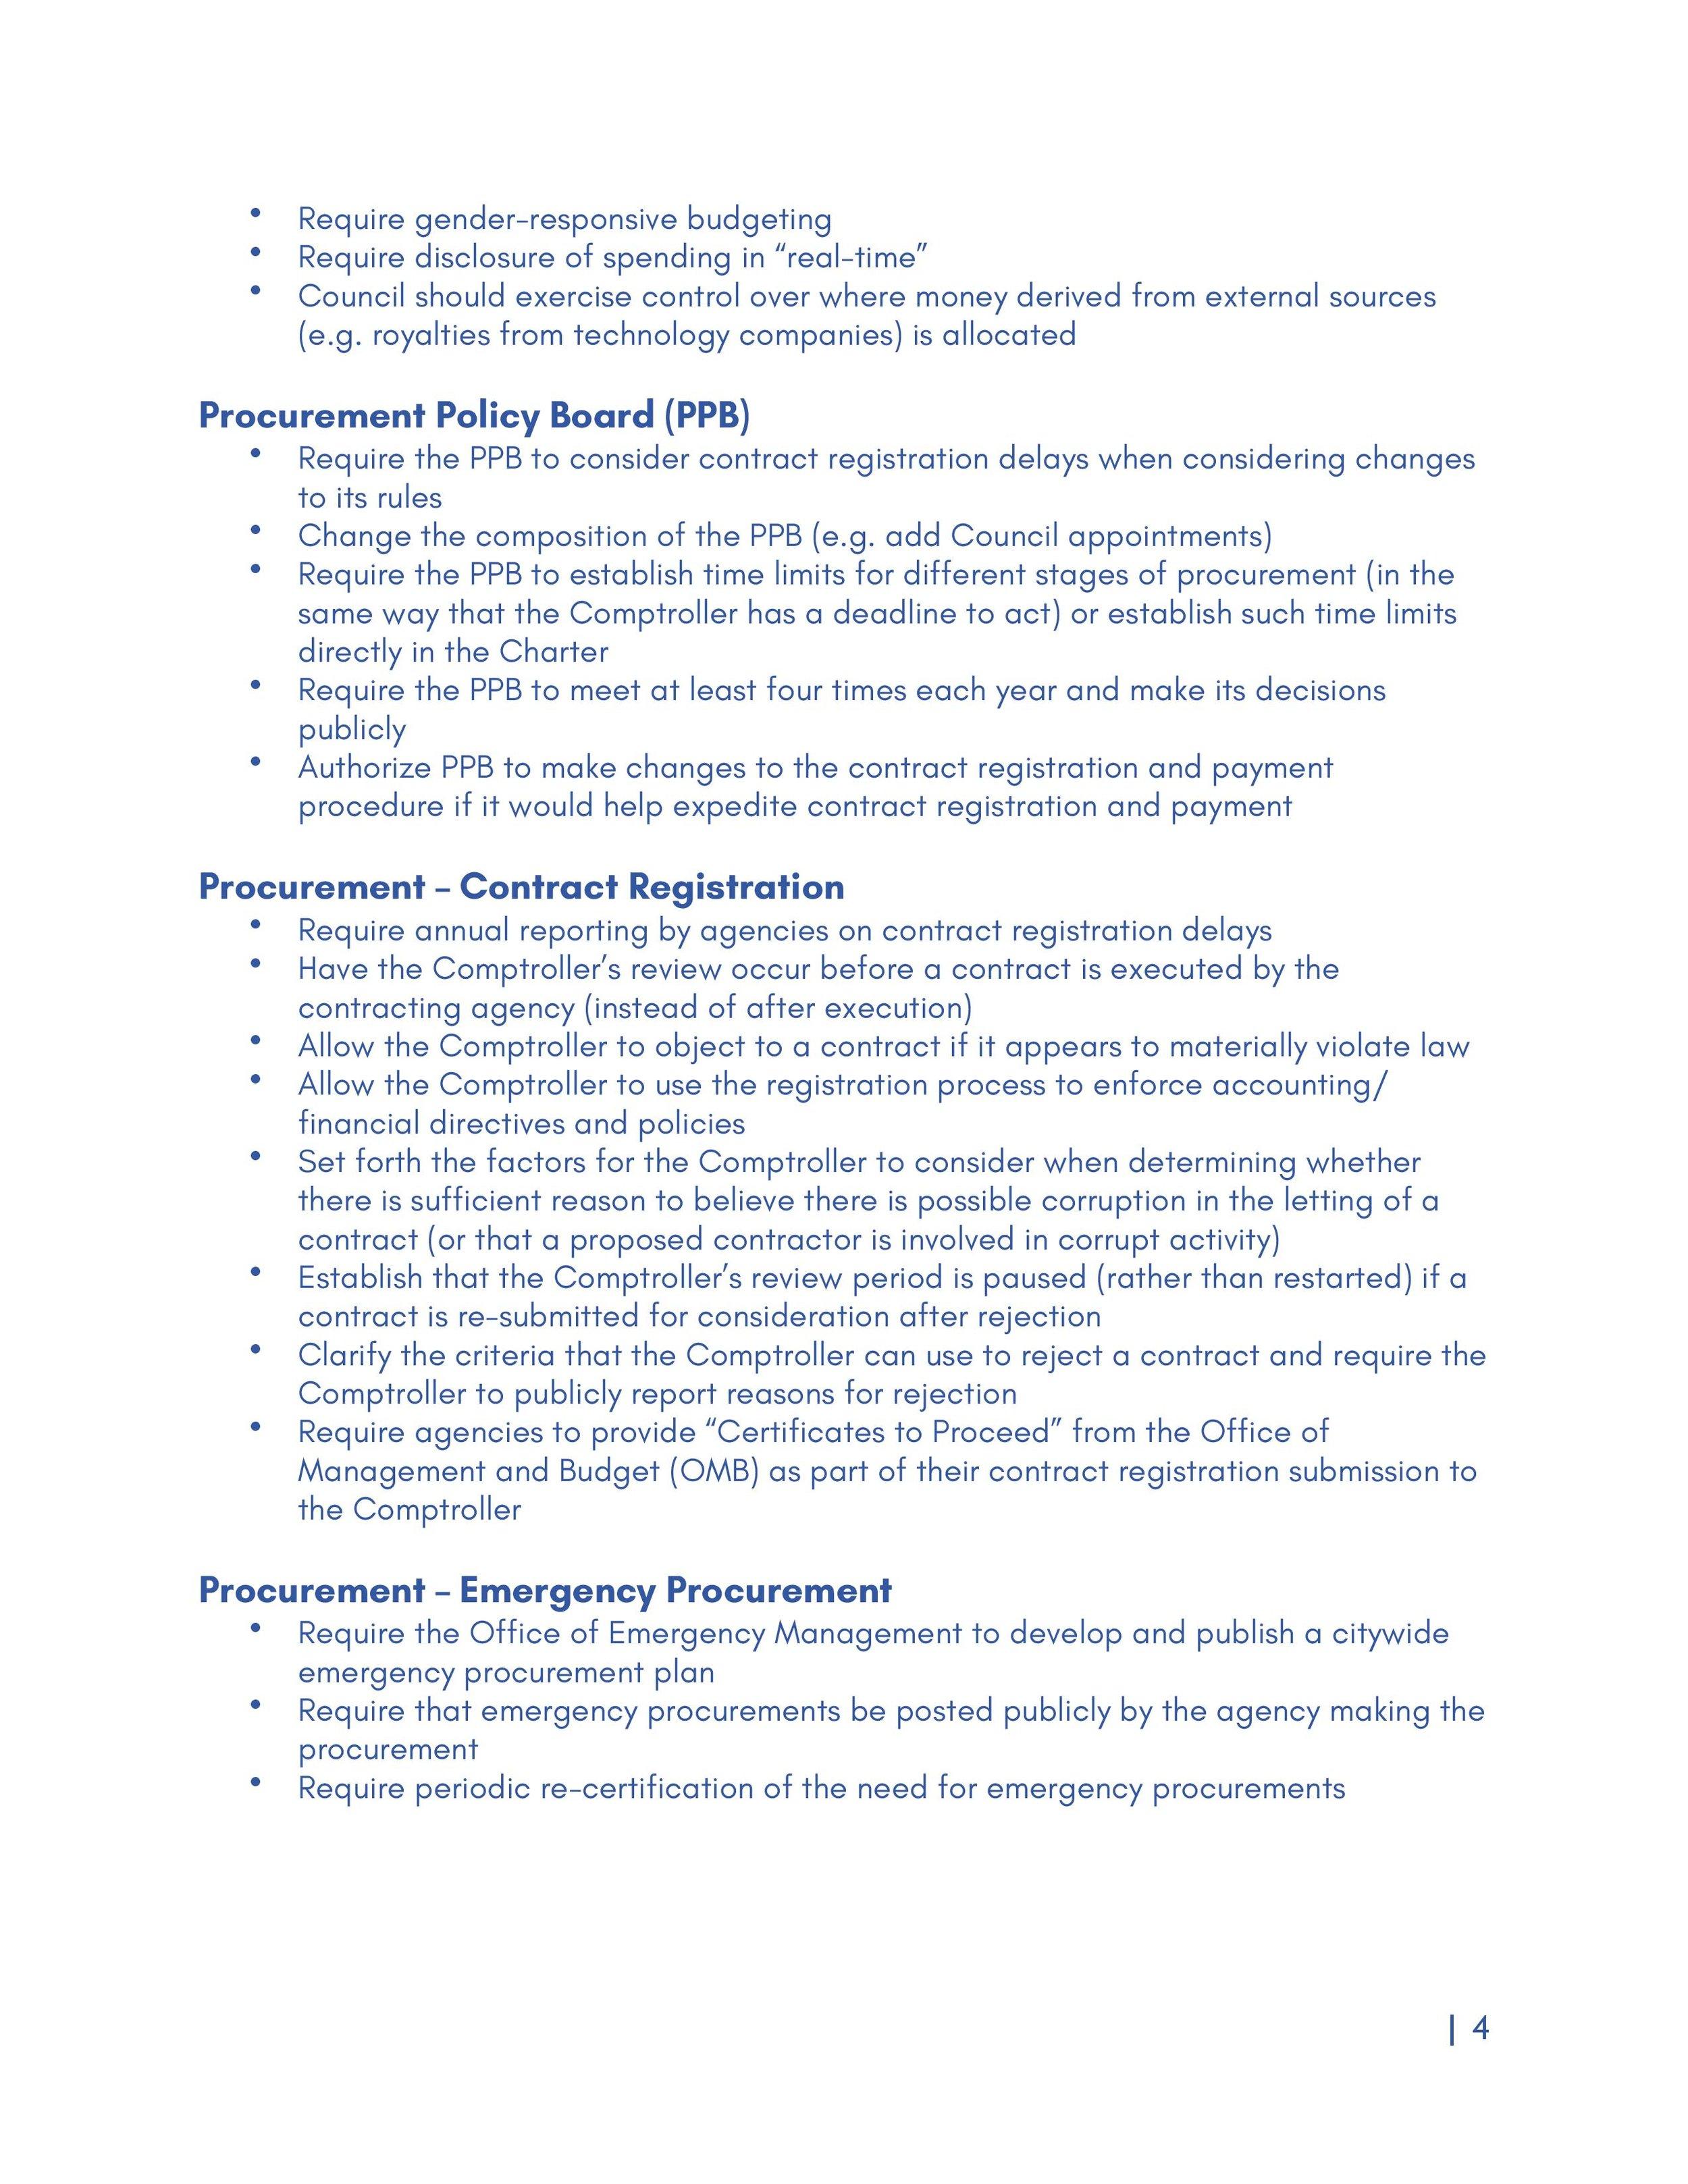 Proposals-page-004.jpg